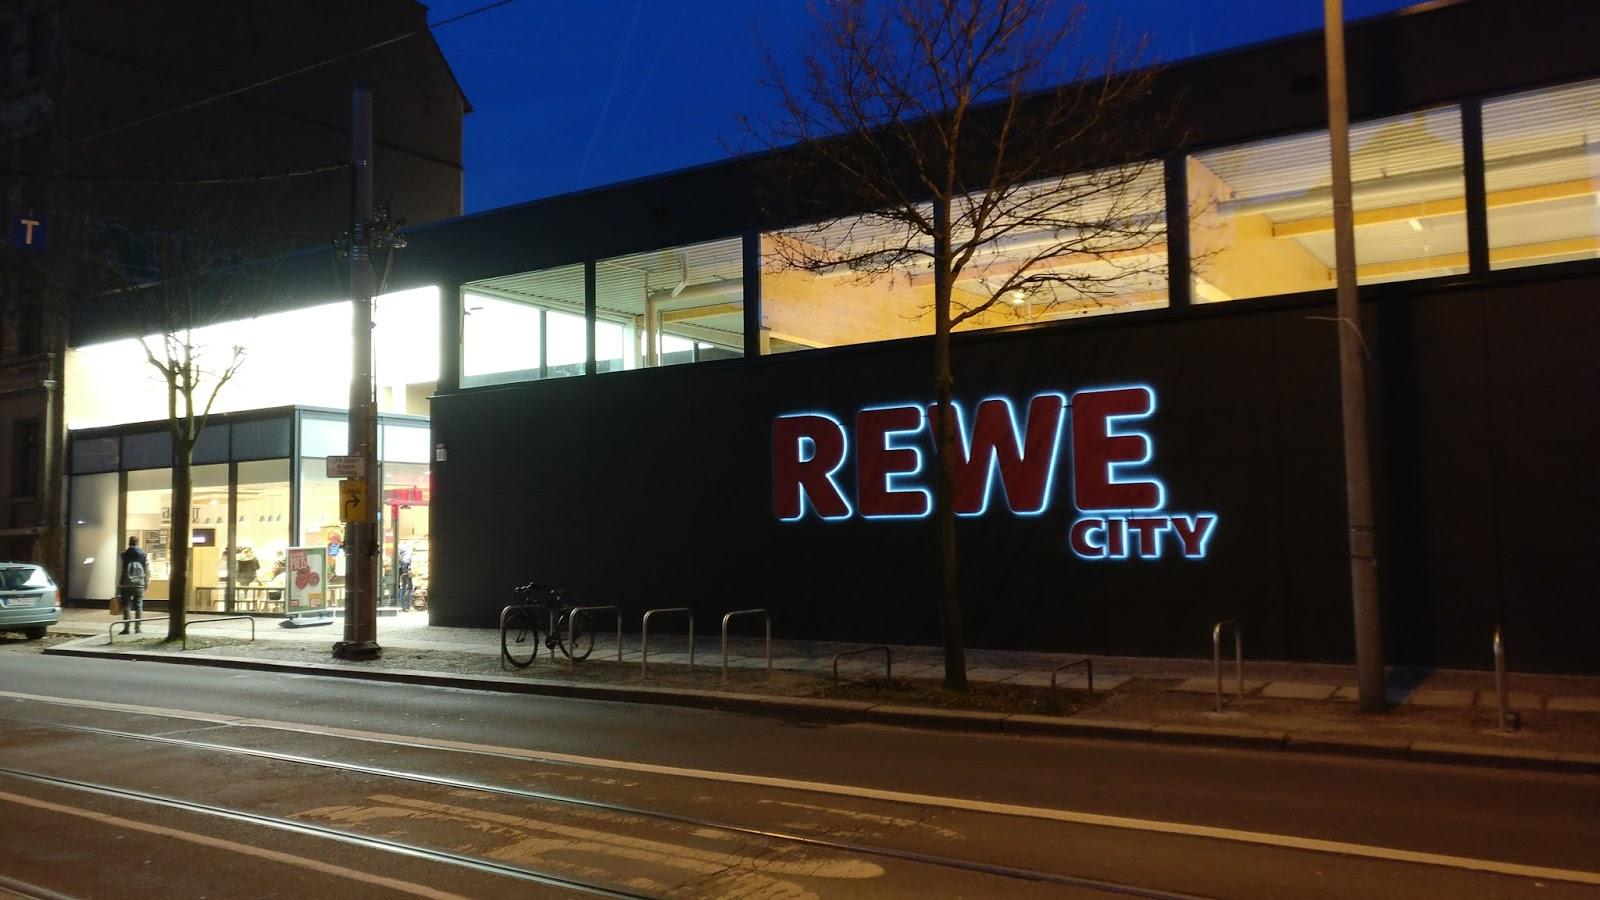 Der Rewe Markt in der Riebeckstraße ist endlich wieder offen ...